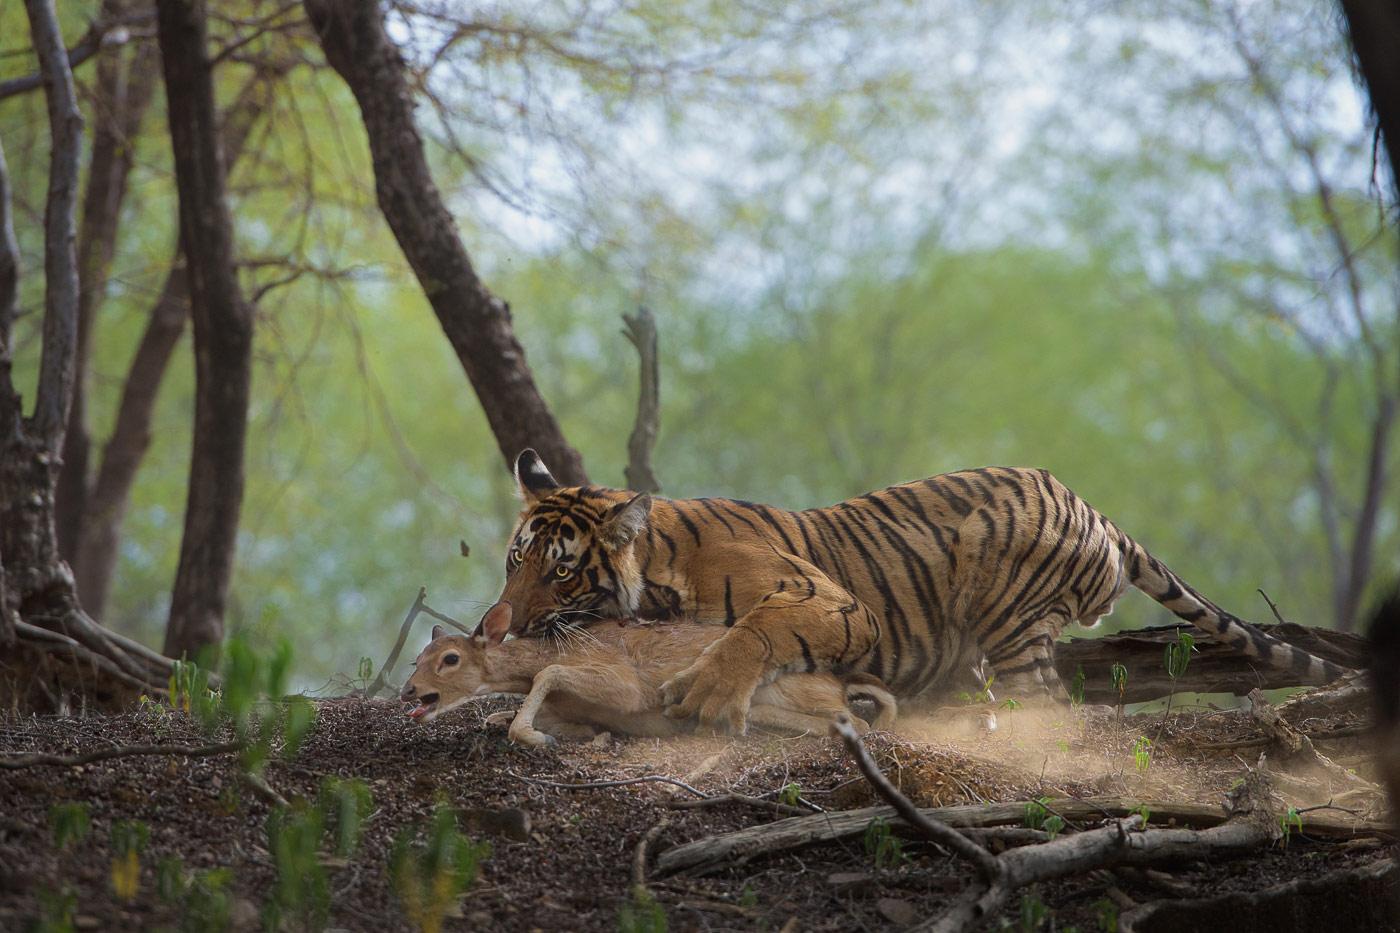 Ловкач, © Томас Вижаян, Второе место, Фотоконкурс «Золотая Черепаха»